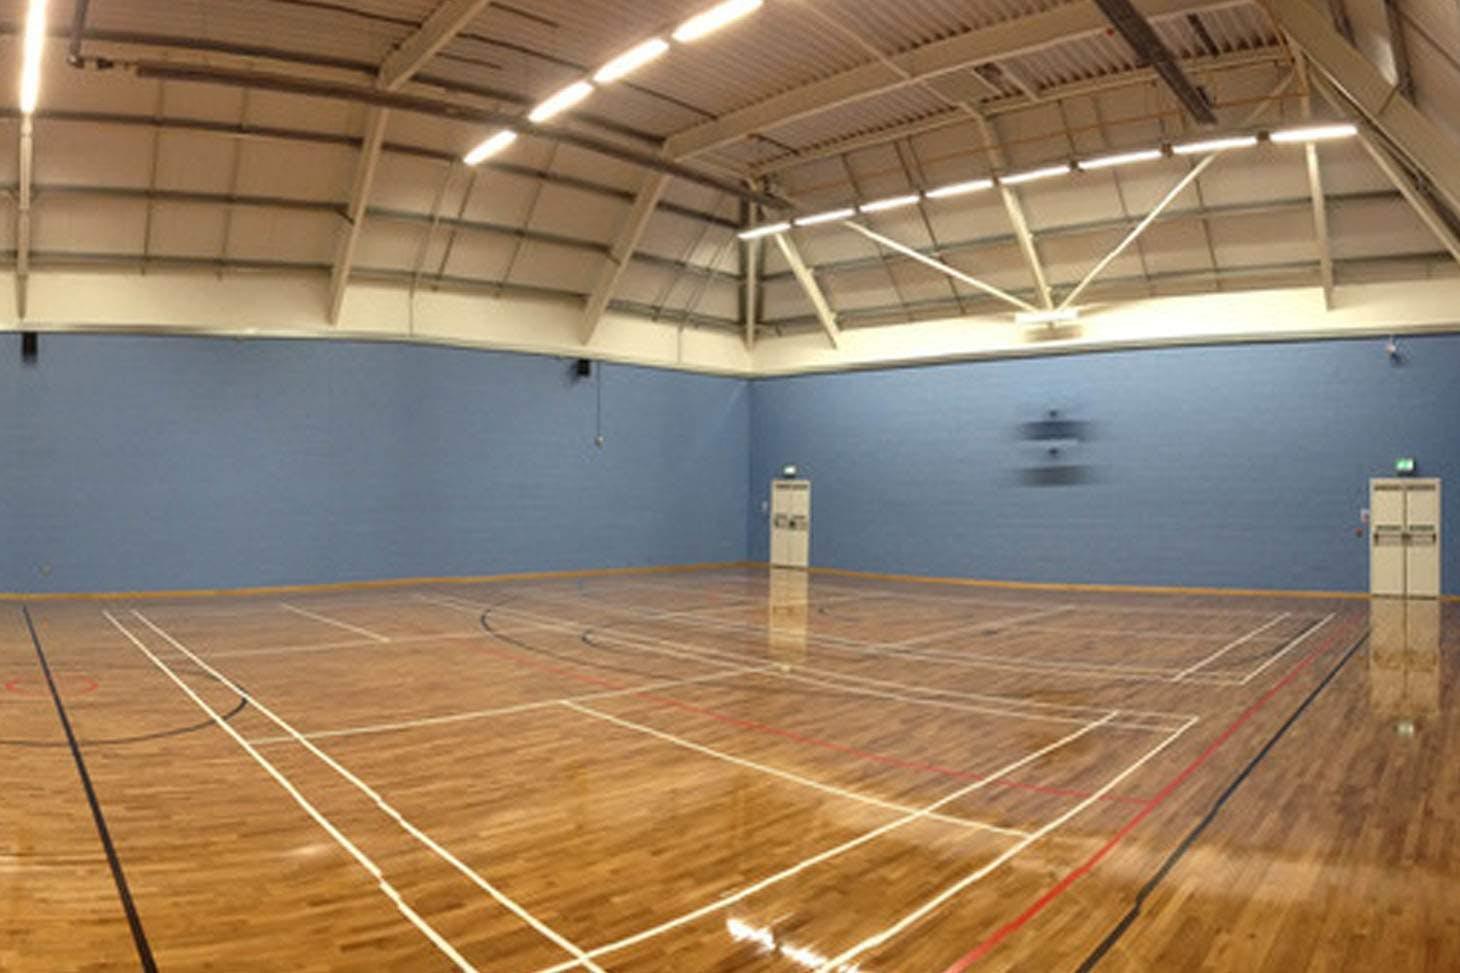 Sutton Coldfield Grammar School for Girls Indoor netball court